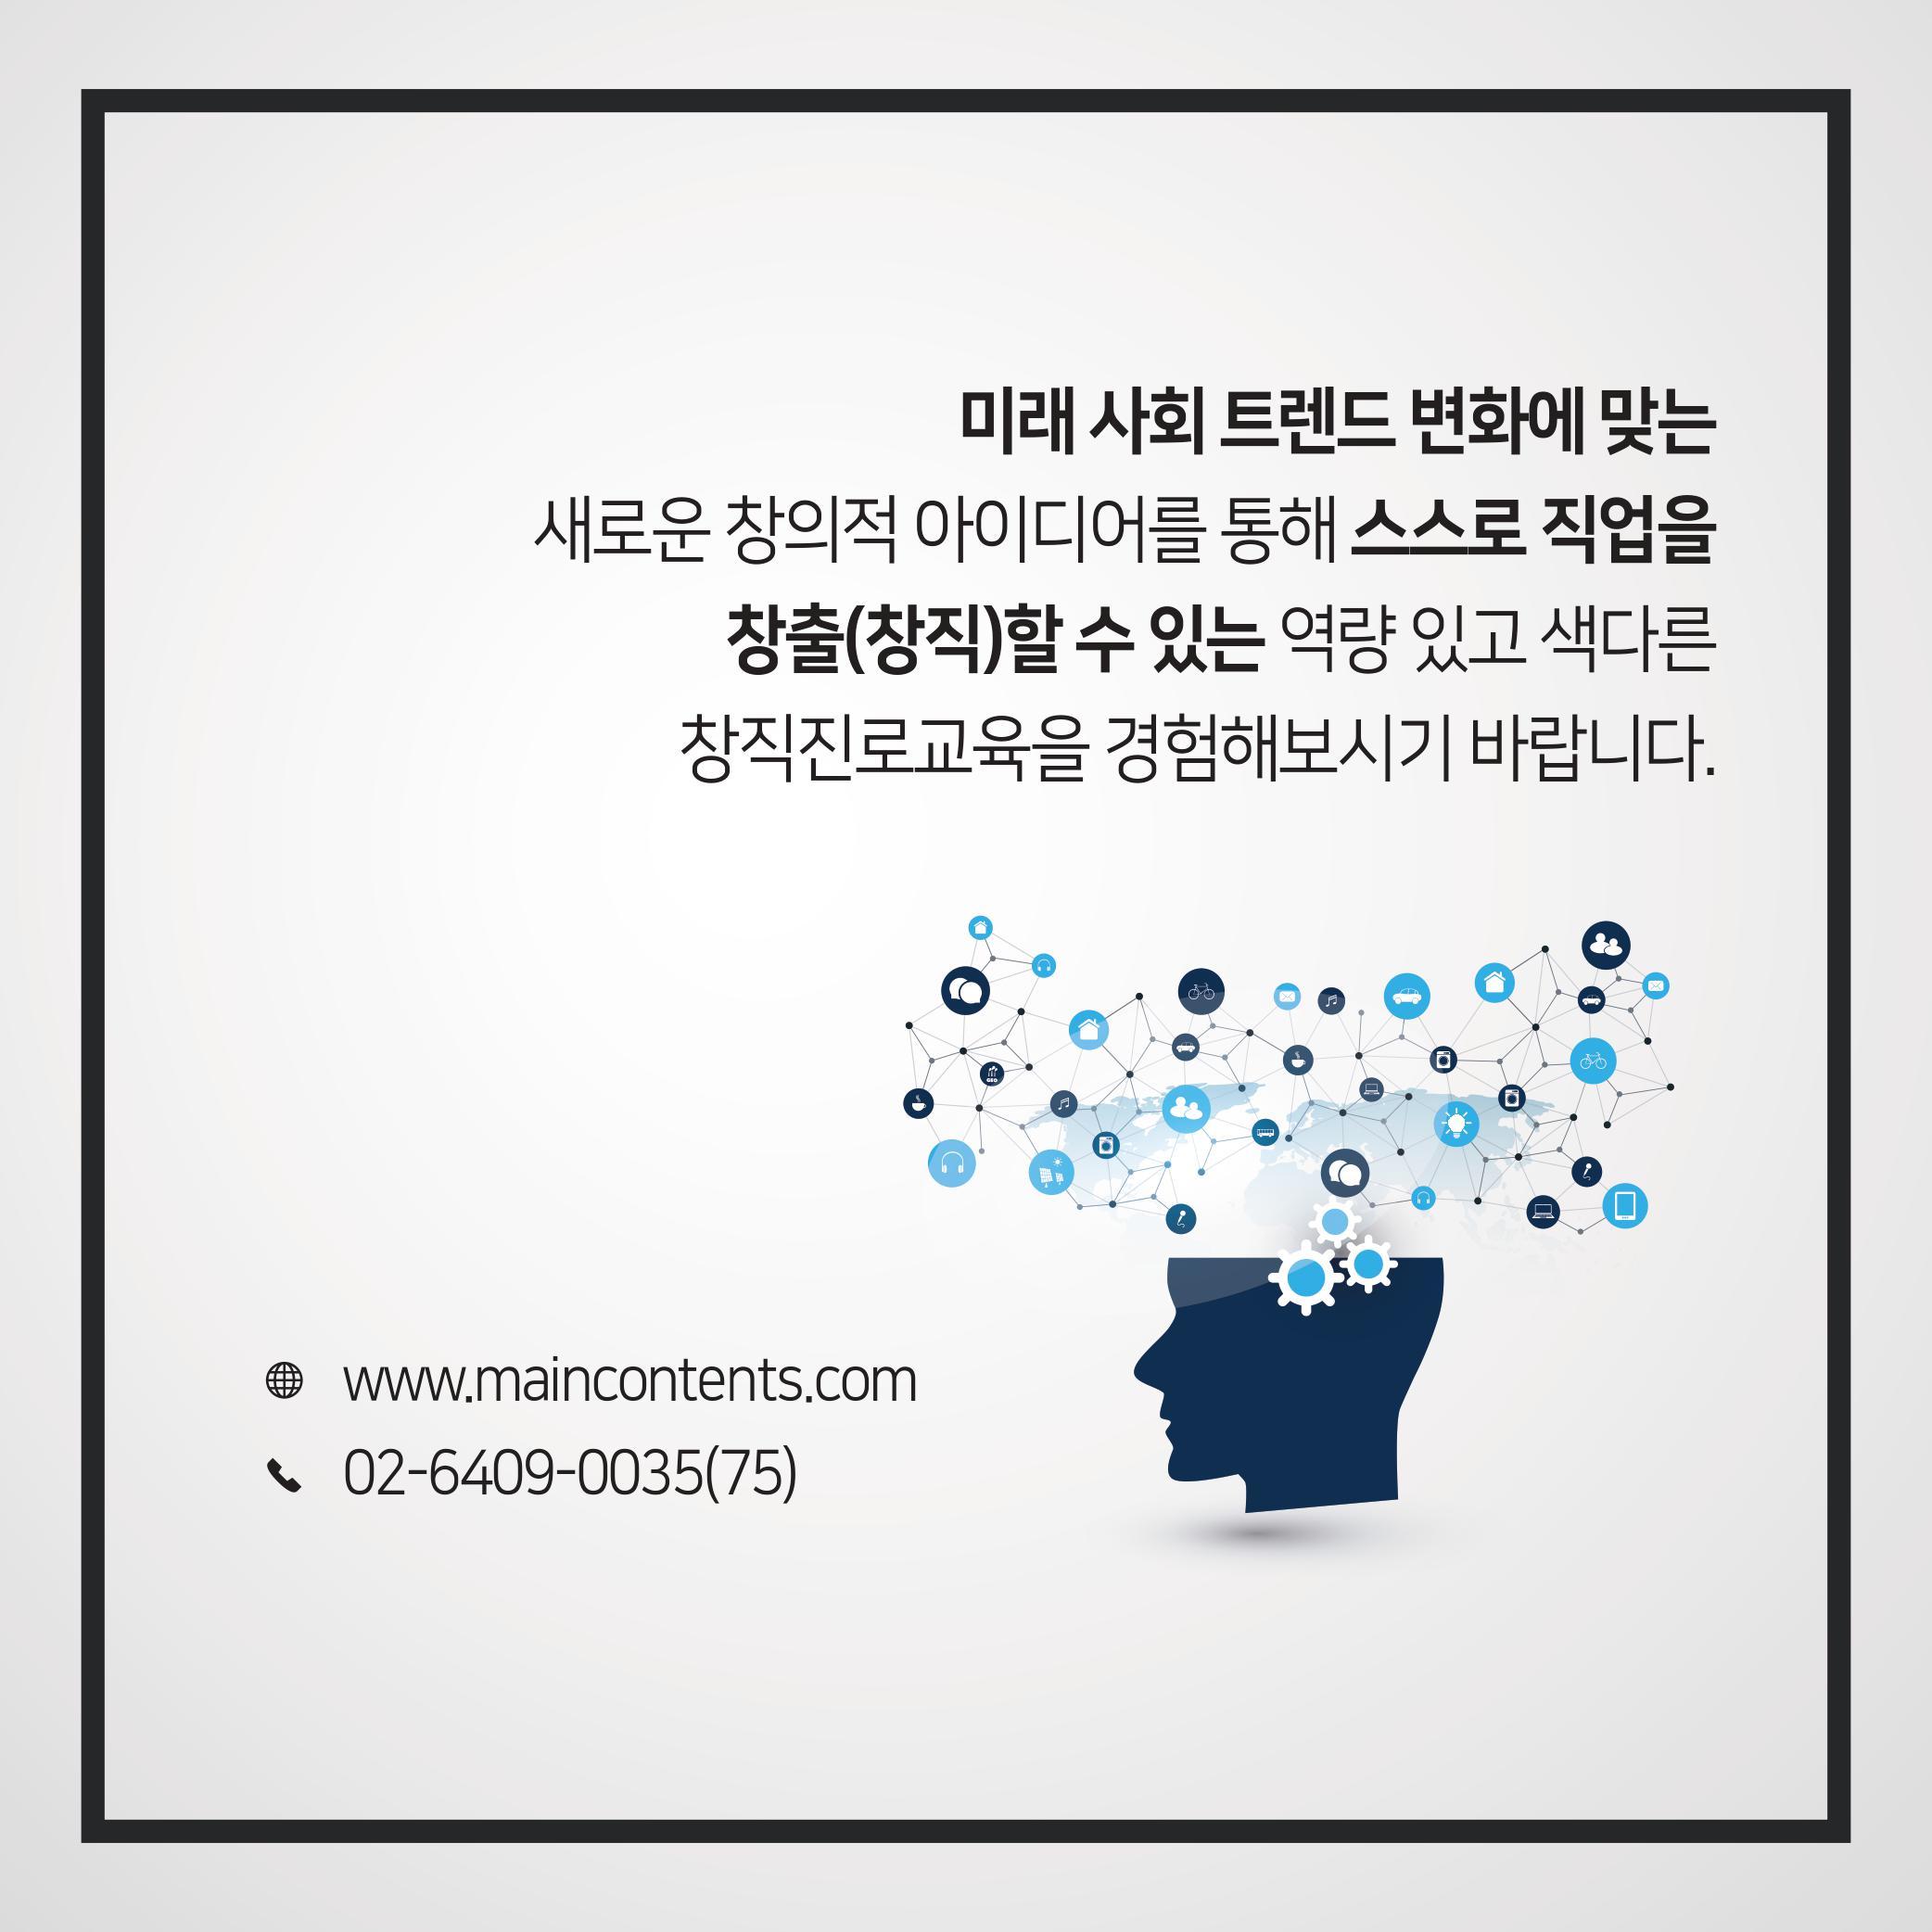 b3a882442e55613ff97a3f2f698ae8a6_1564643168_7046.jpg